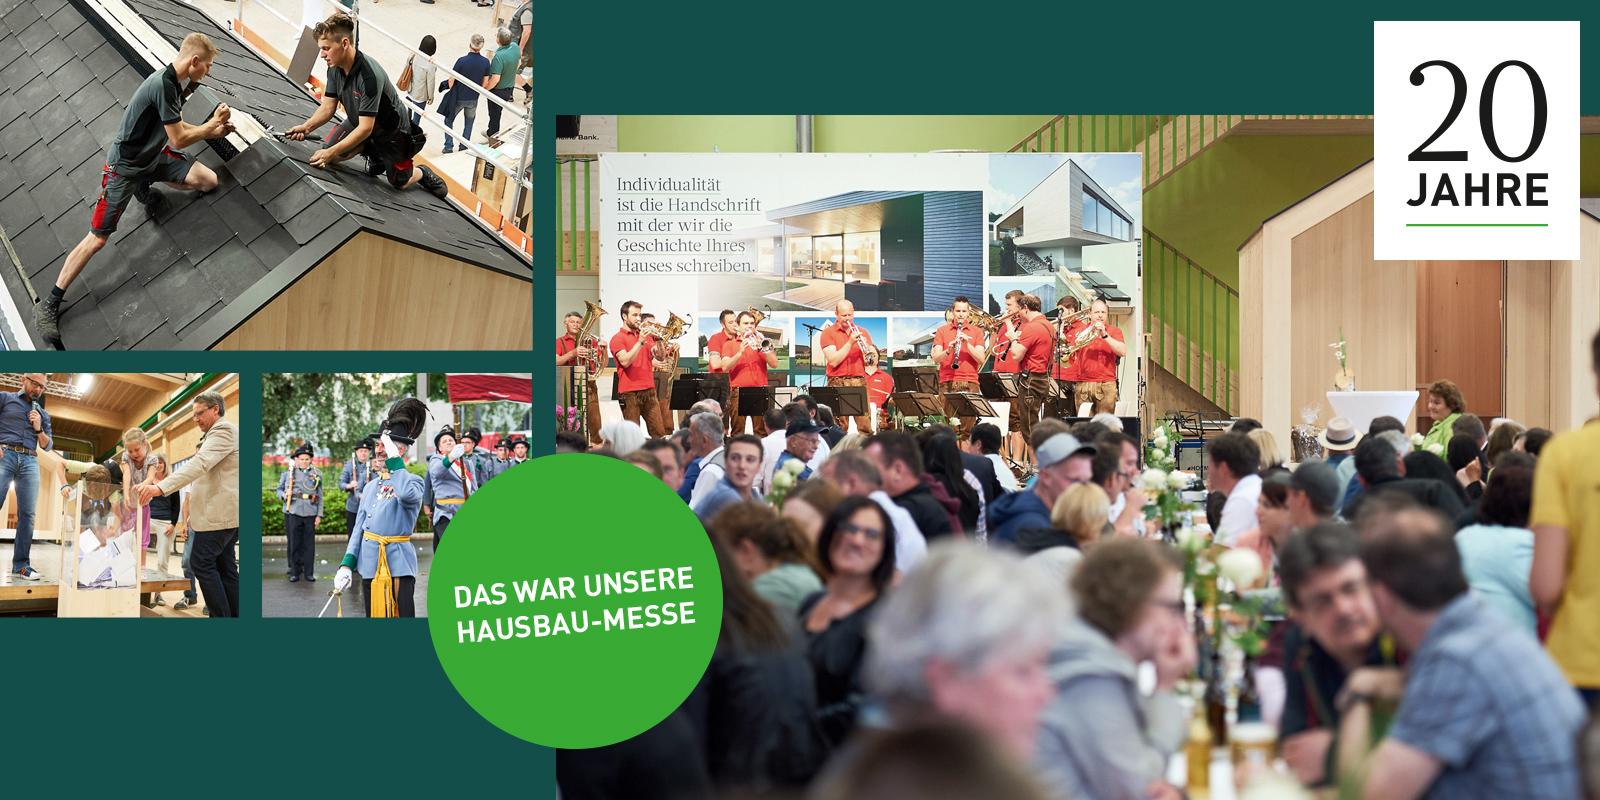 alpina_home_header_das-war-unsere-hausmesse